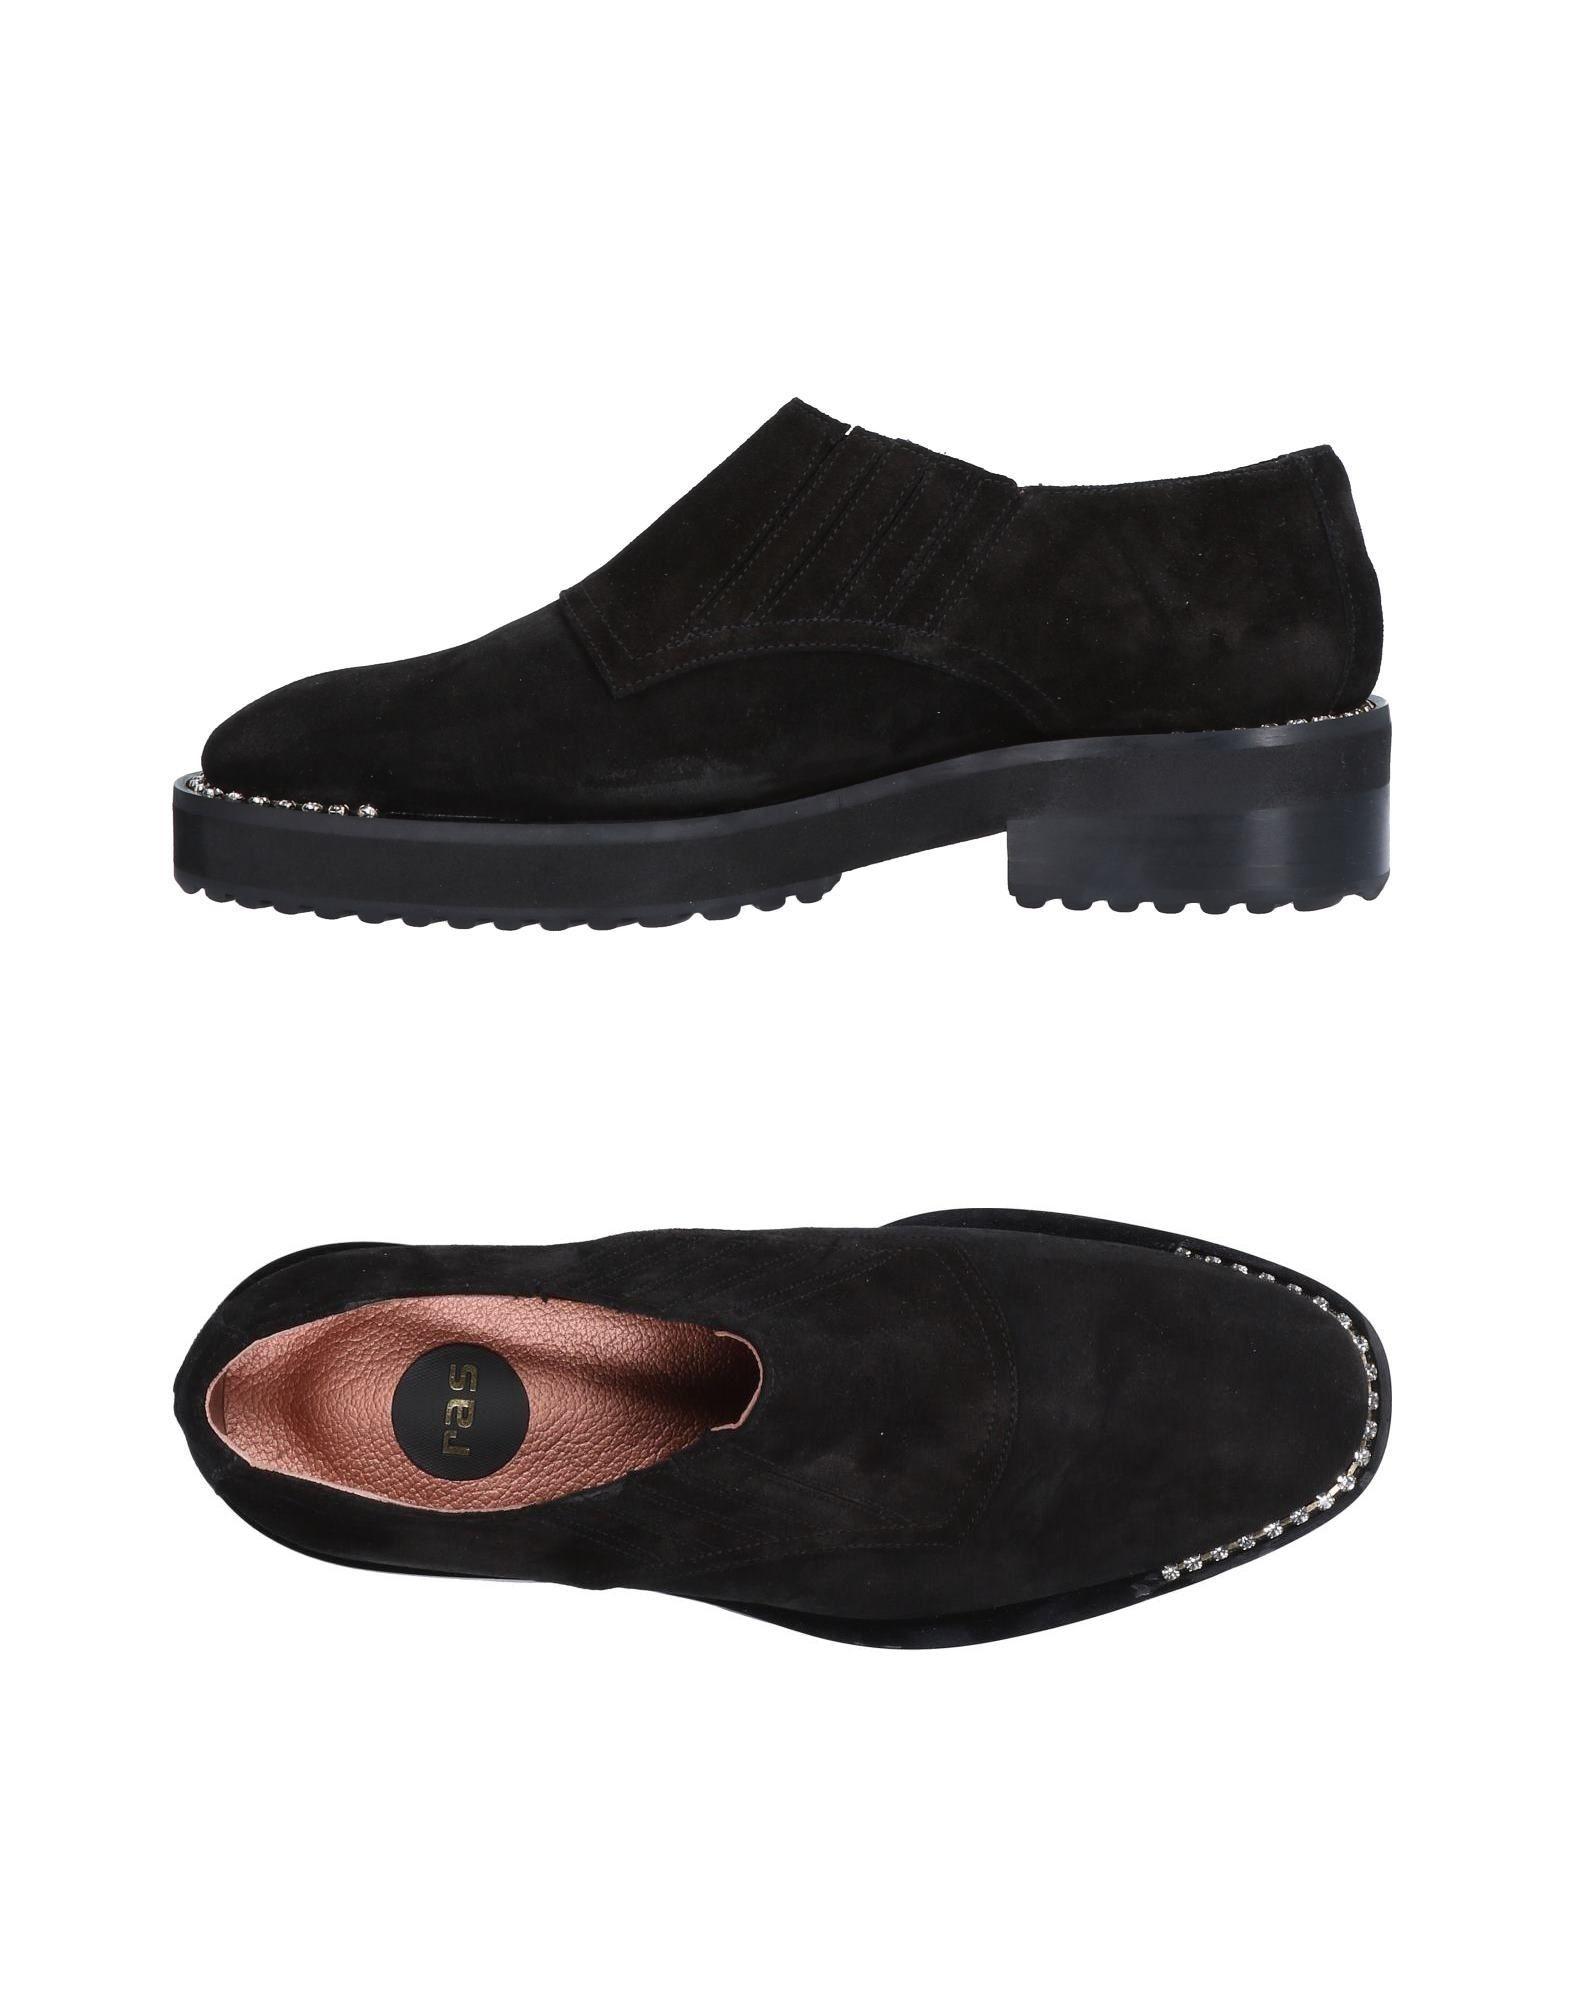 Ras Mokassins Damen  11517496WW Gute Qualität beliebte Schuhe